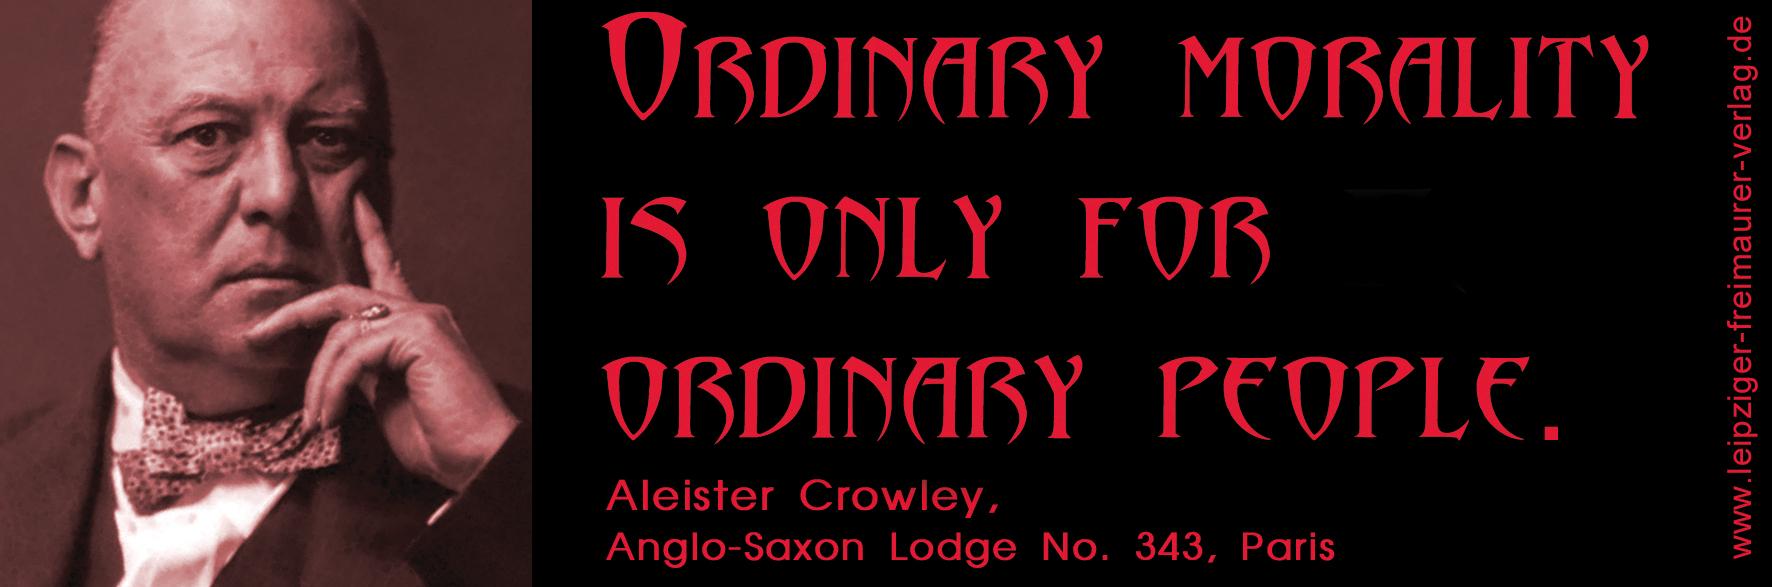 ak051-crowley-morality